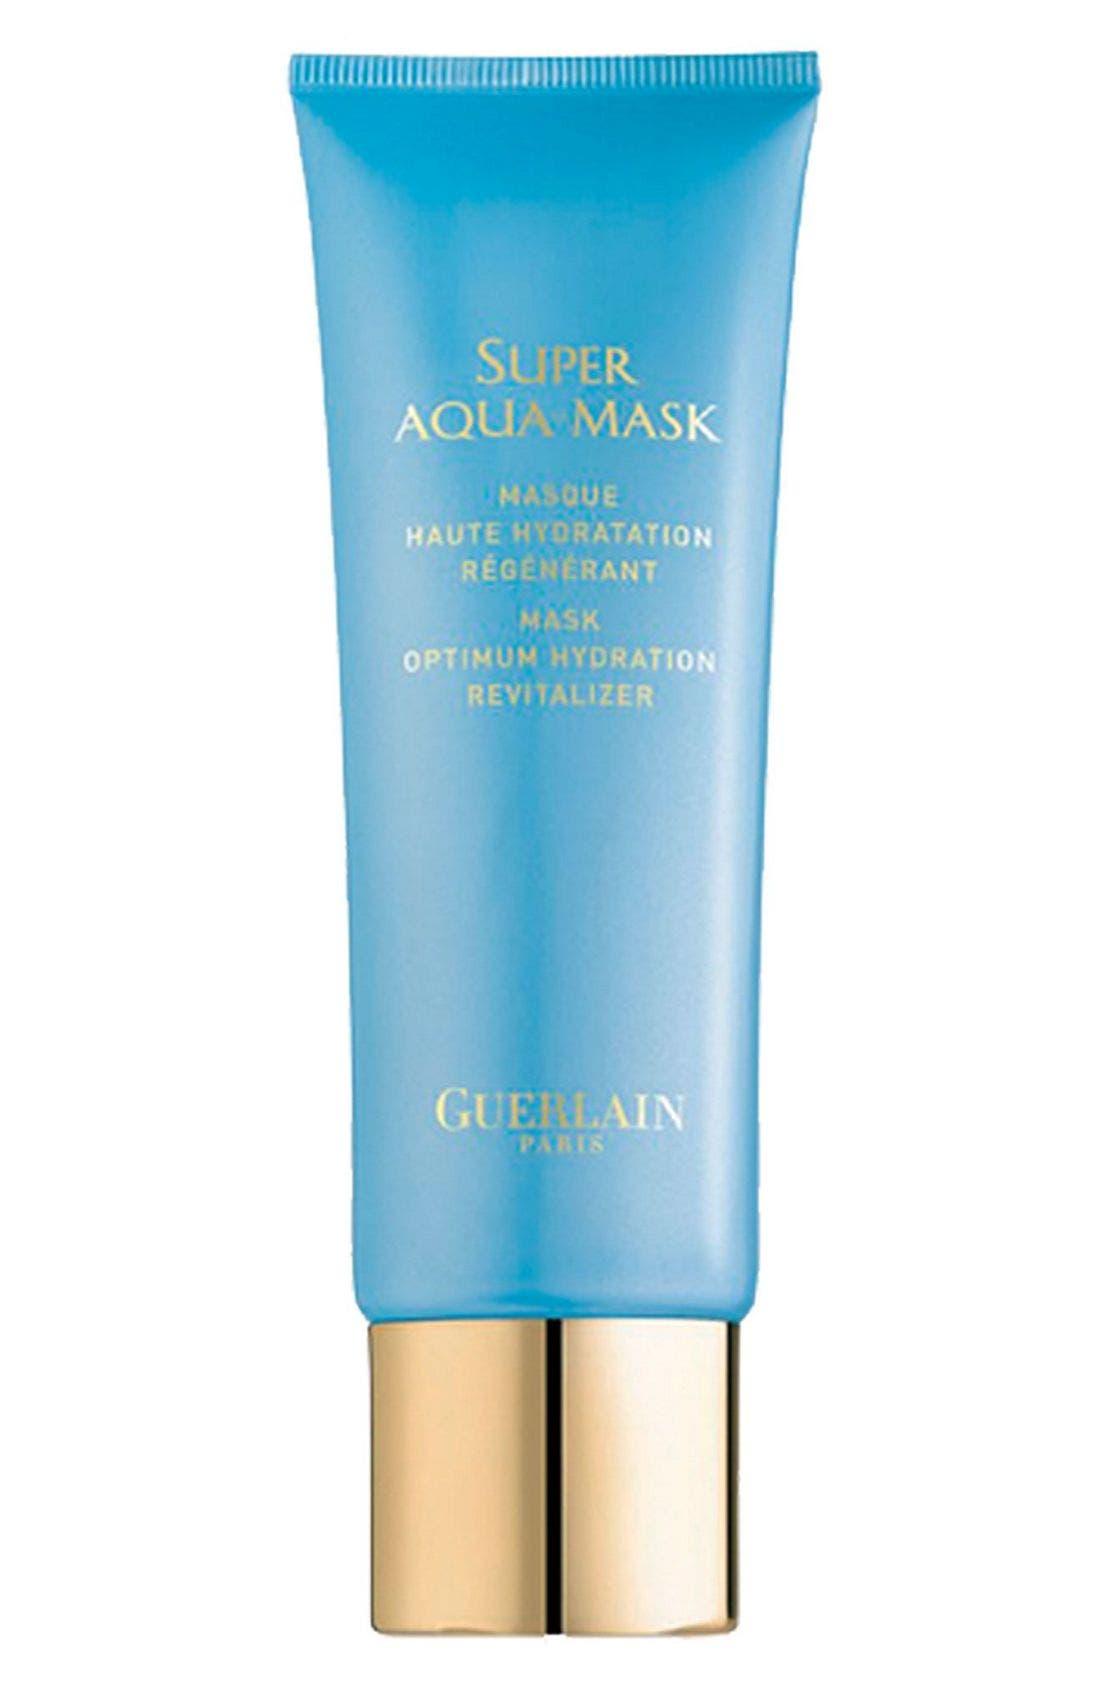 Guerlain 'Super Aqua' Mask